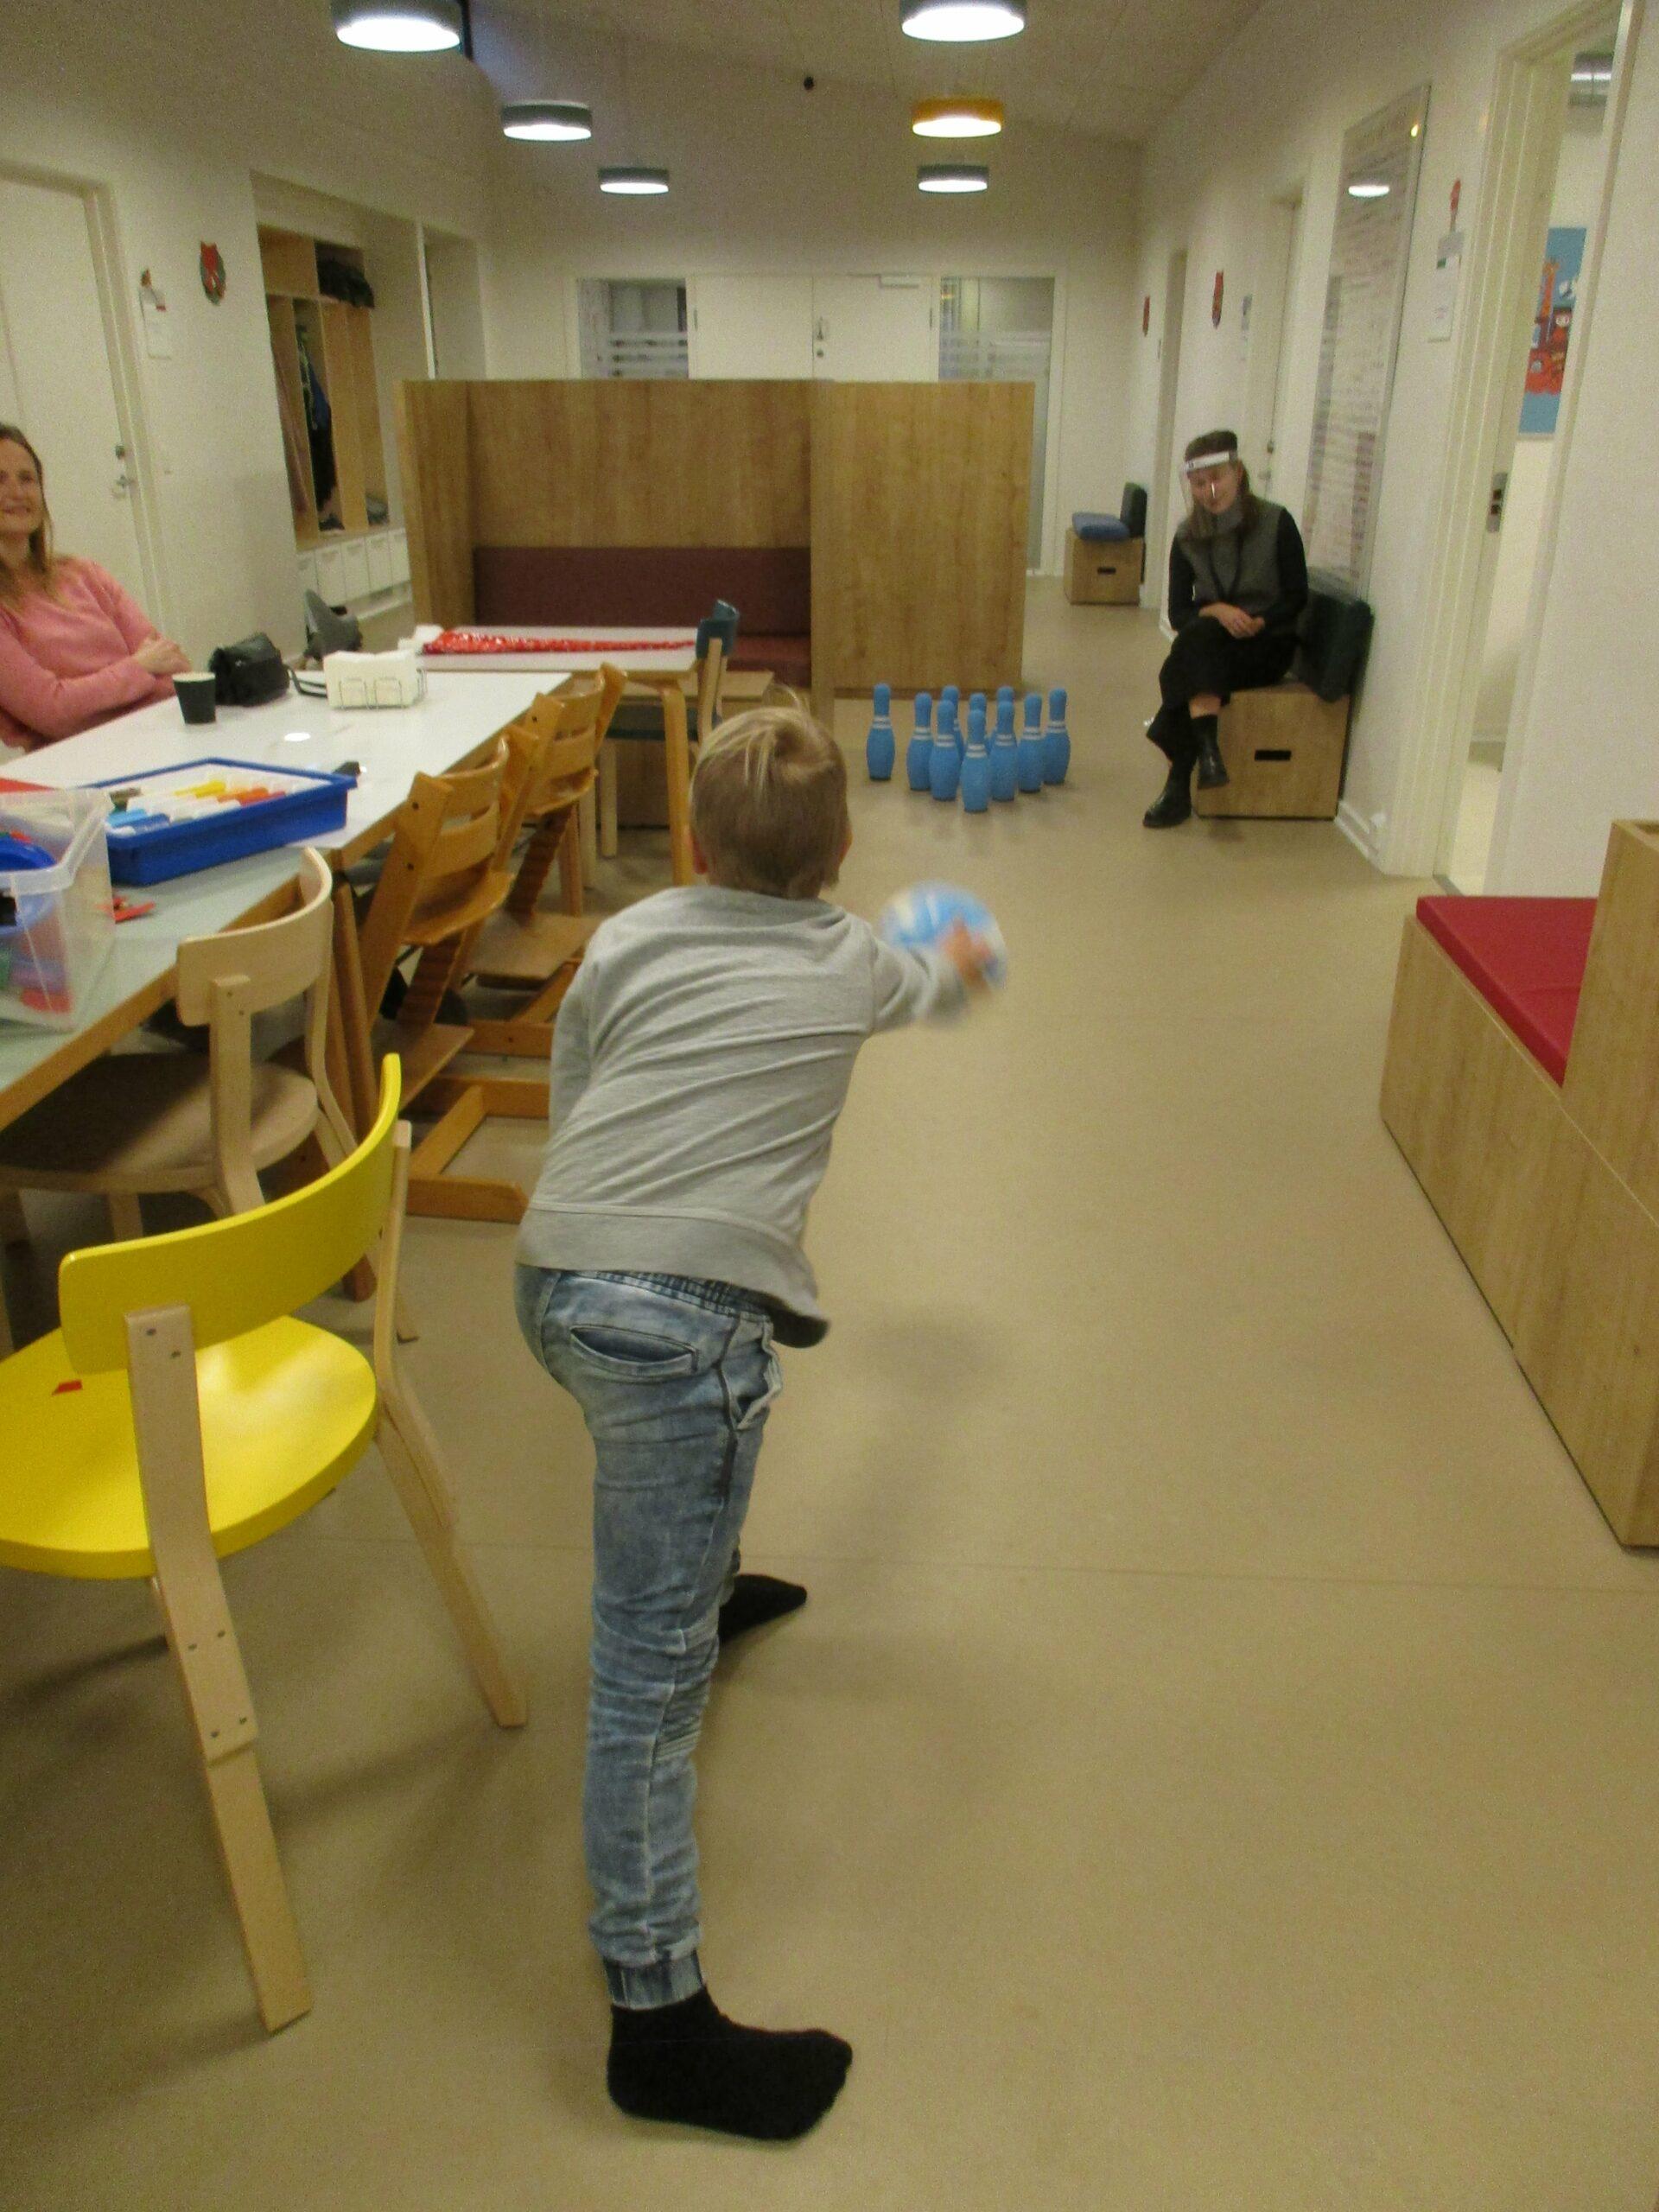 håb i psykiatrien legetøj Glostrup børn